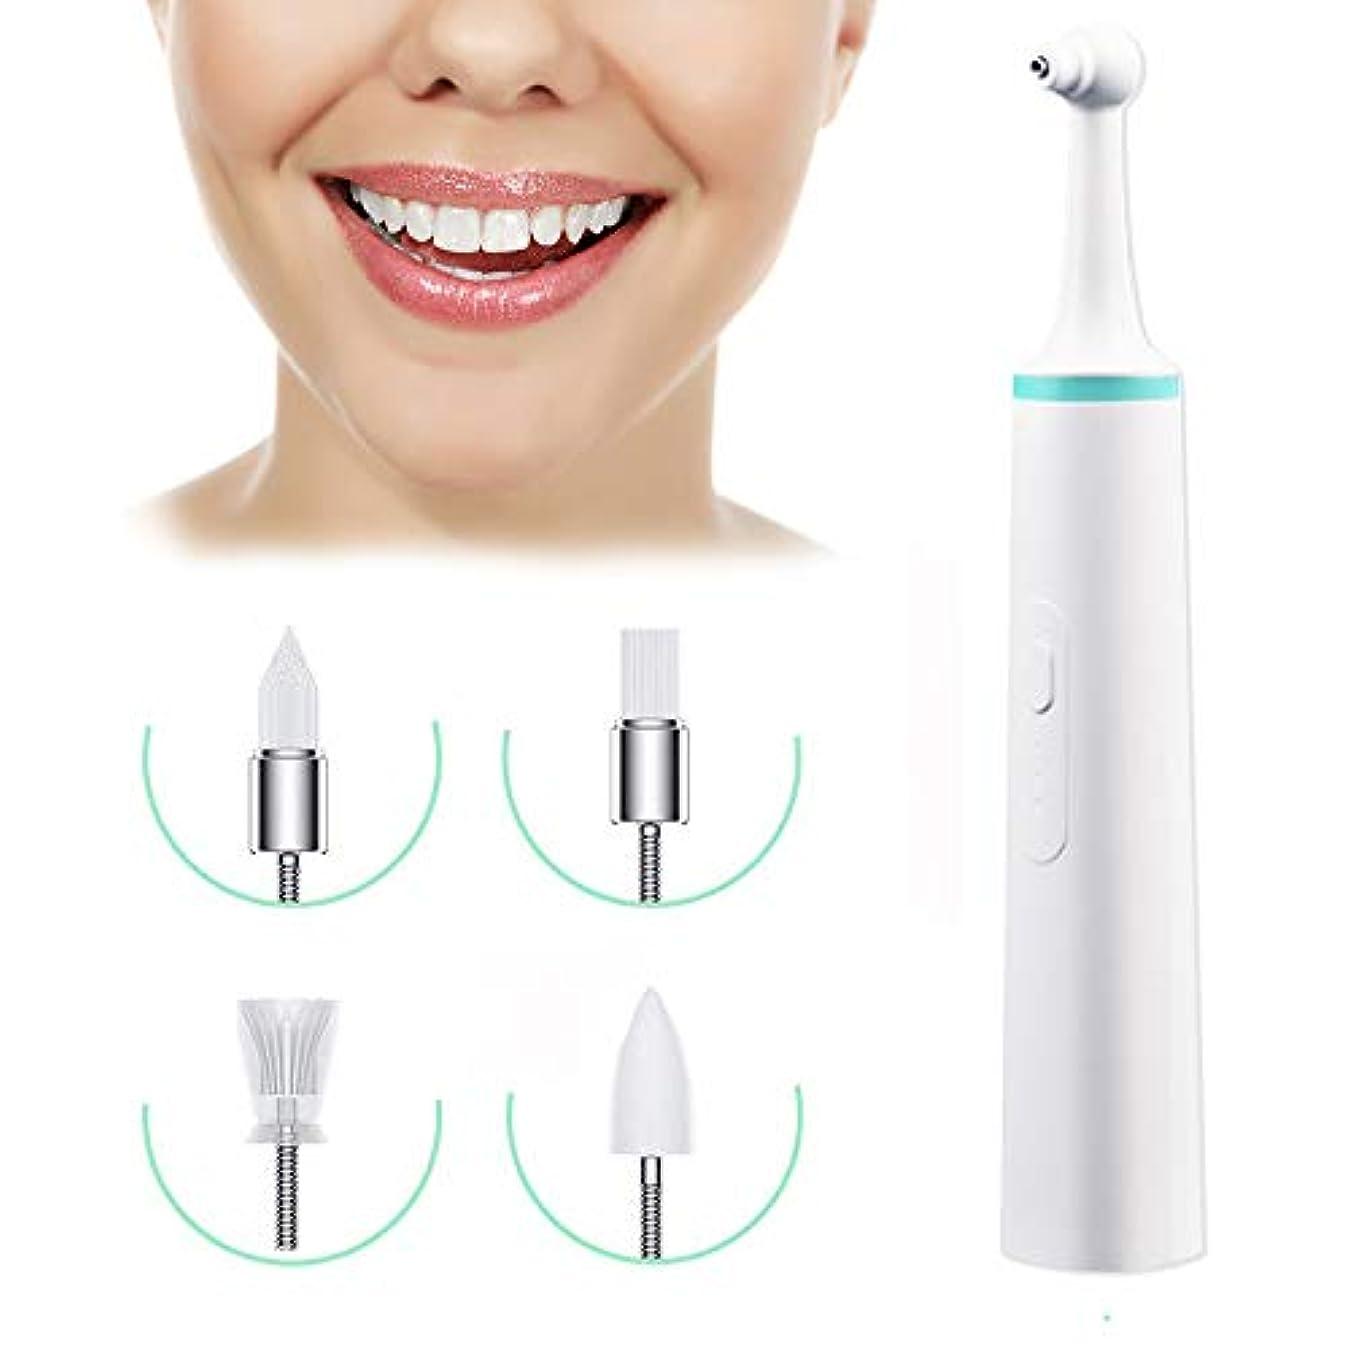 カード違反する避難歯磨き用電動一体型デンタルギャップクリーナー、電動歯磨き機洗浄、歯科用ホワイトニング歯科用器具